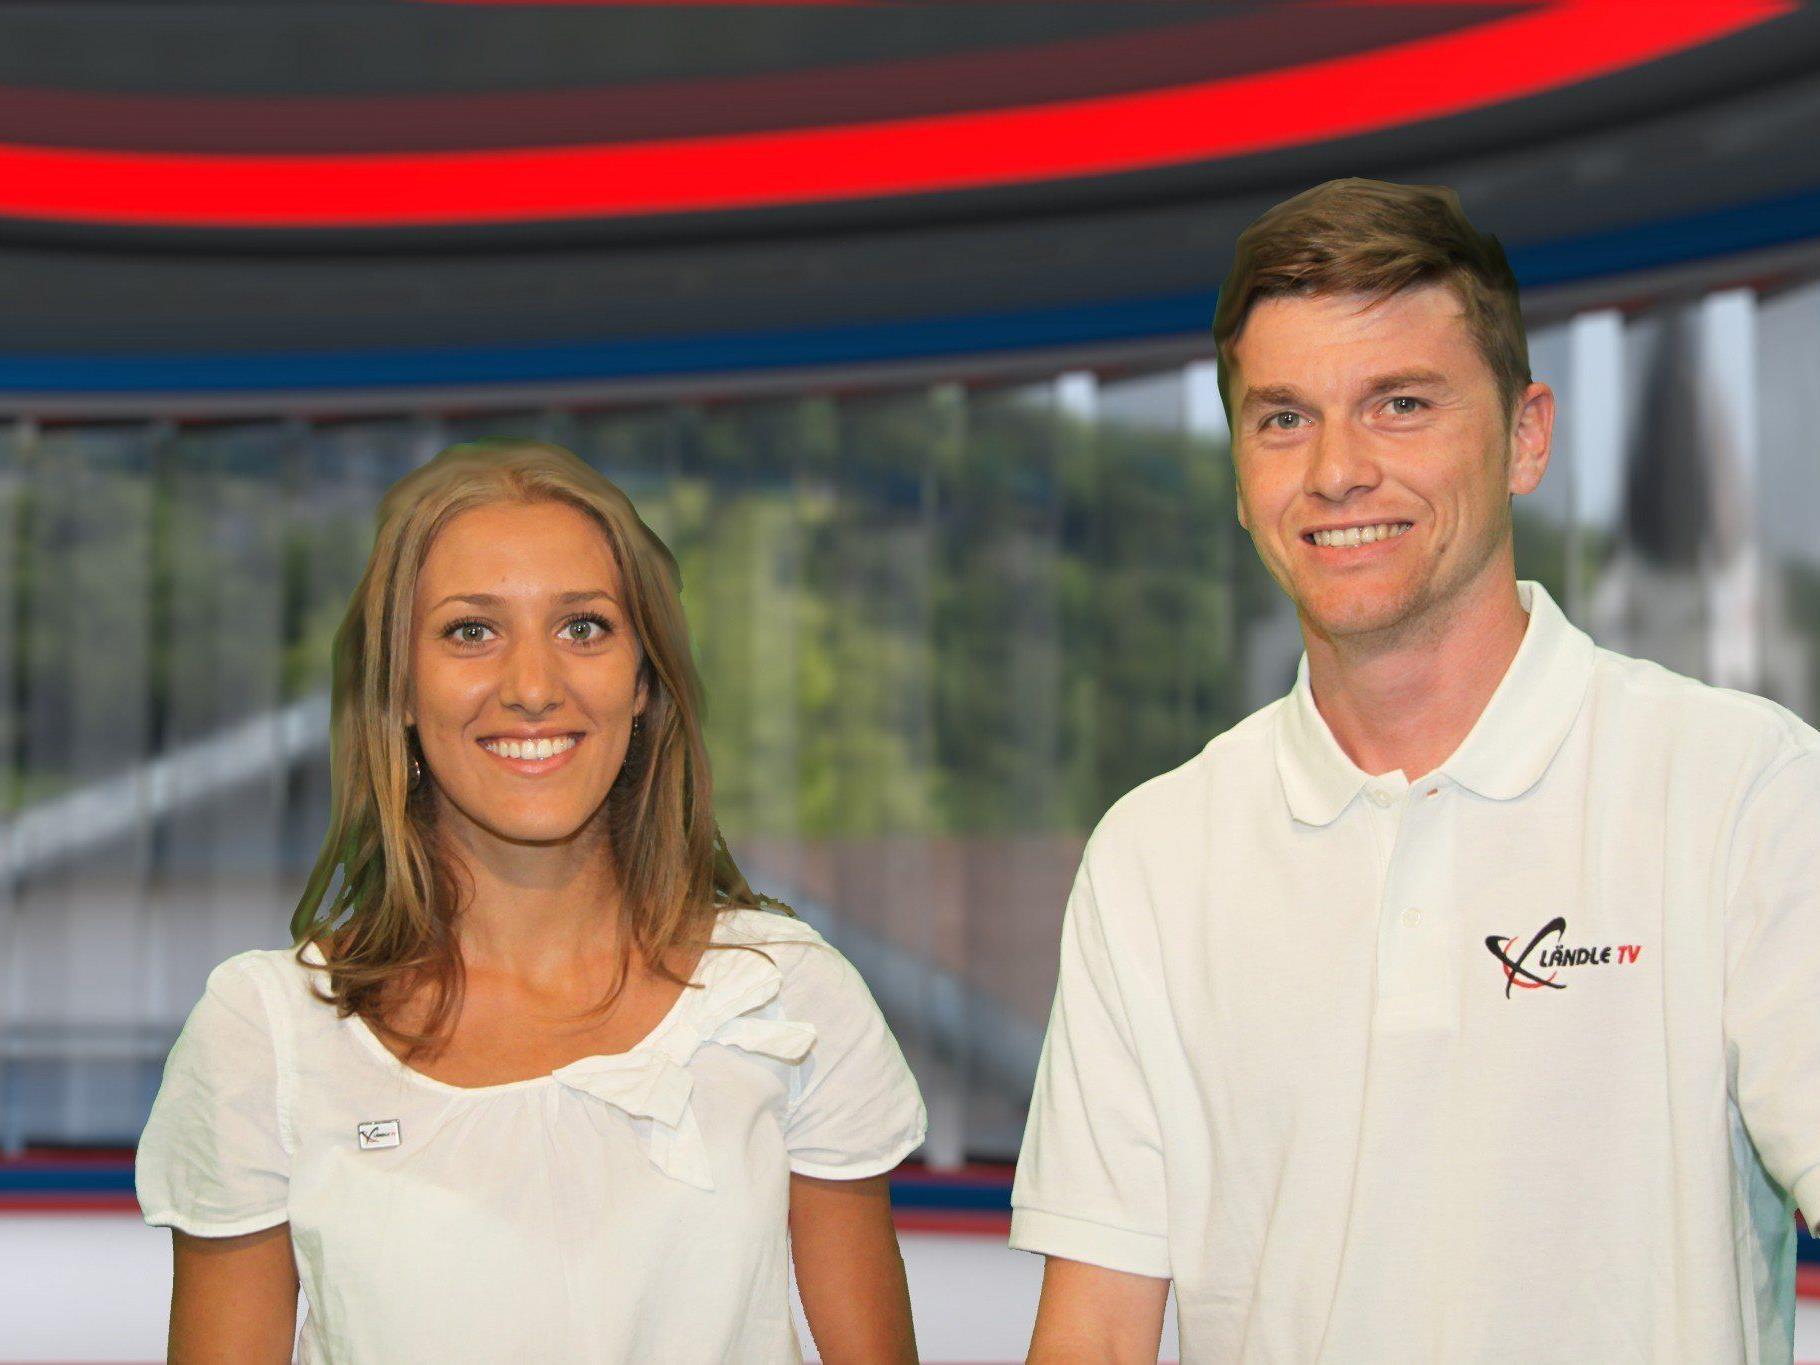 Bianca Oberscheider und Marc Gächter sind mit Ländle TV ab sofort täglich im Montafon zu sehen